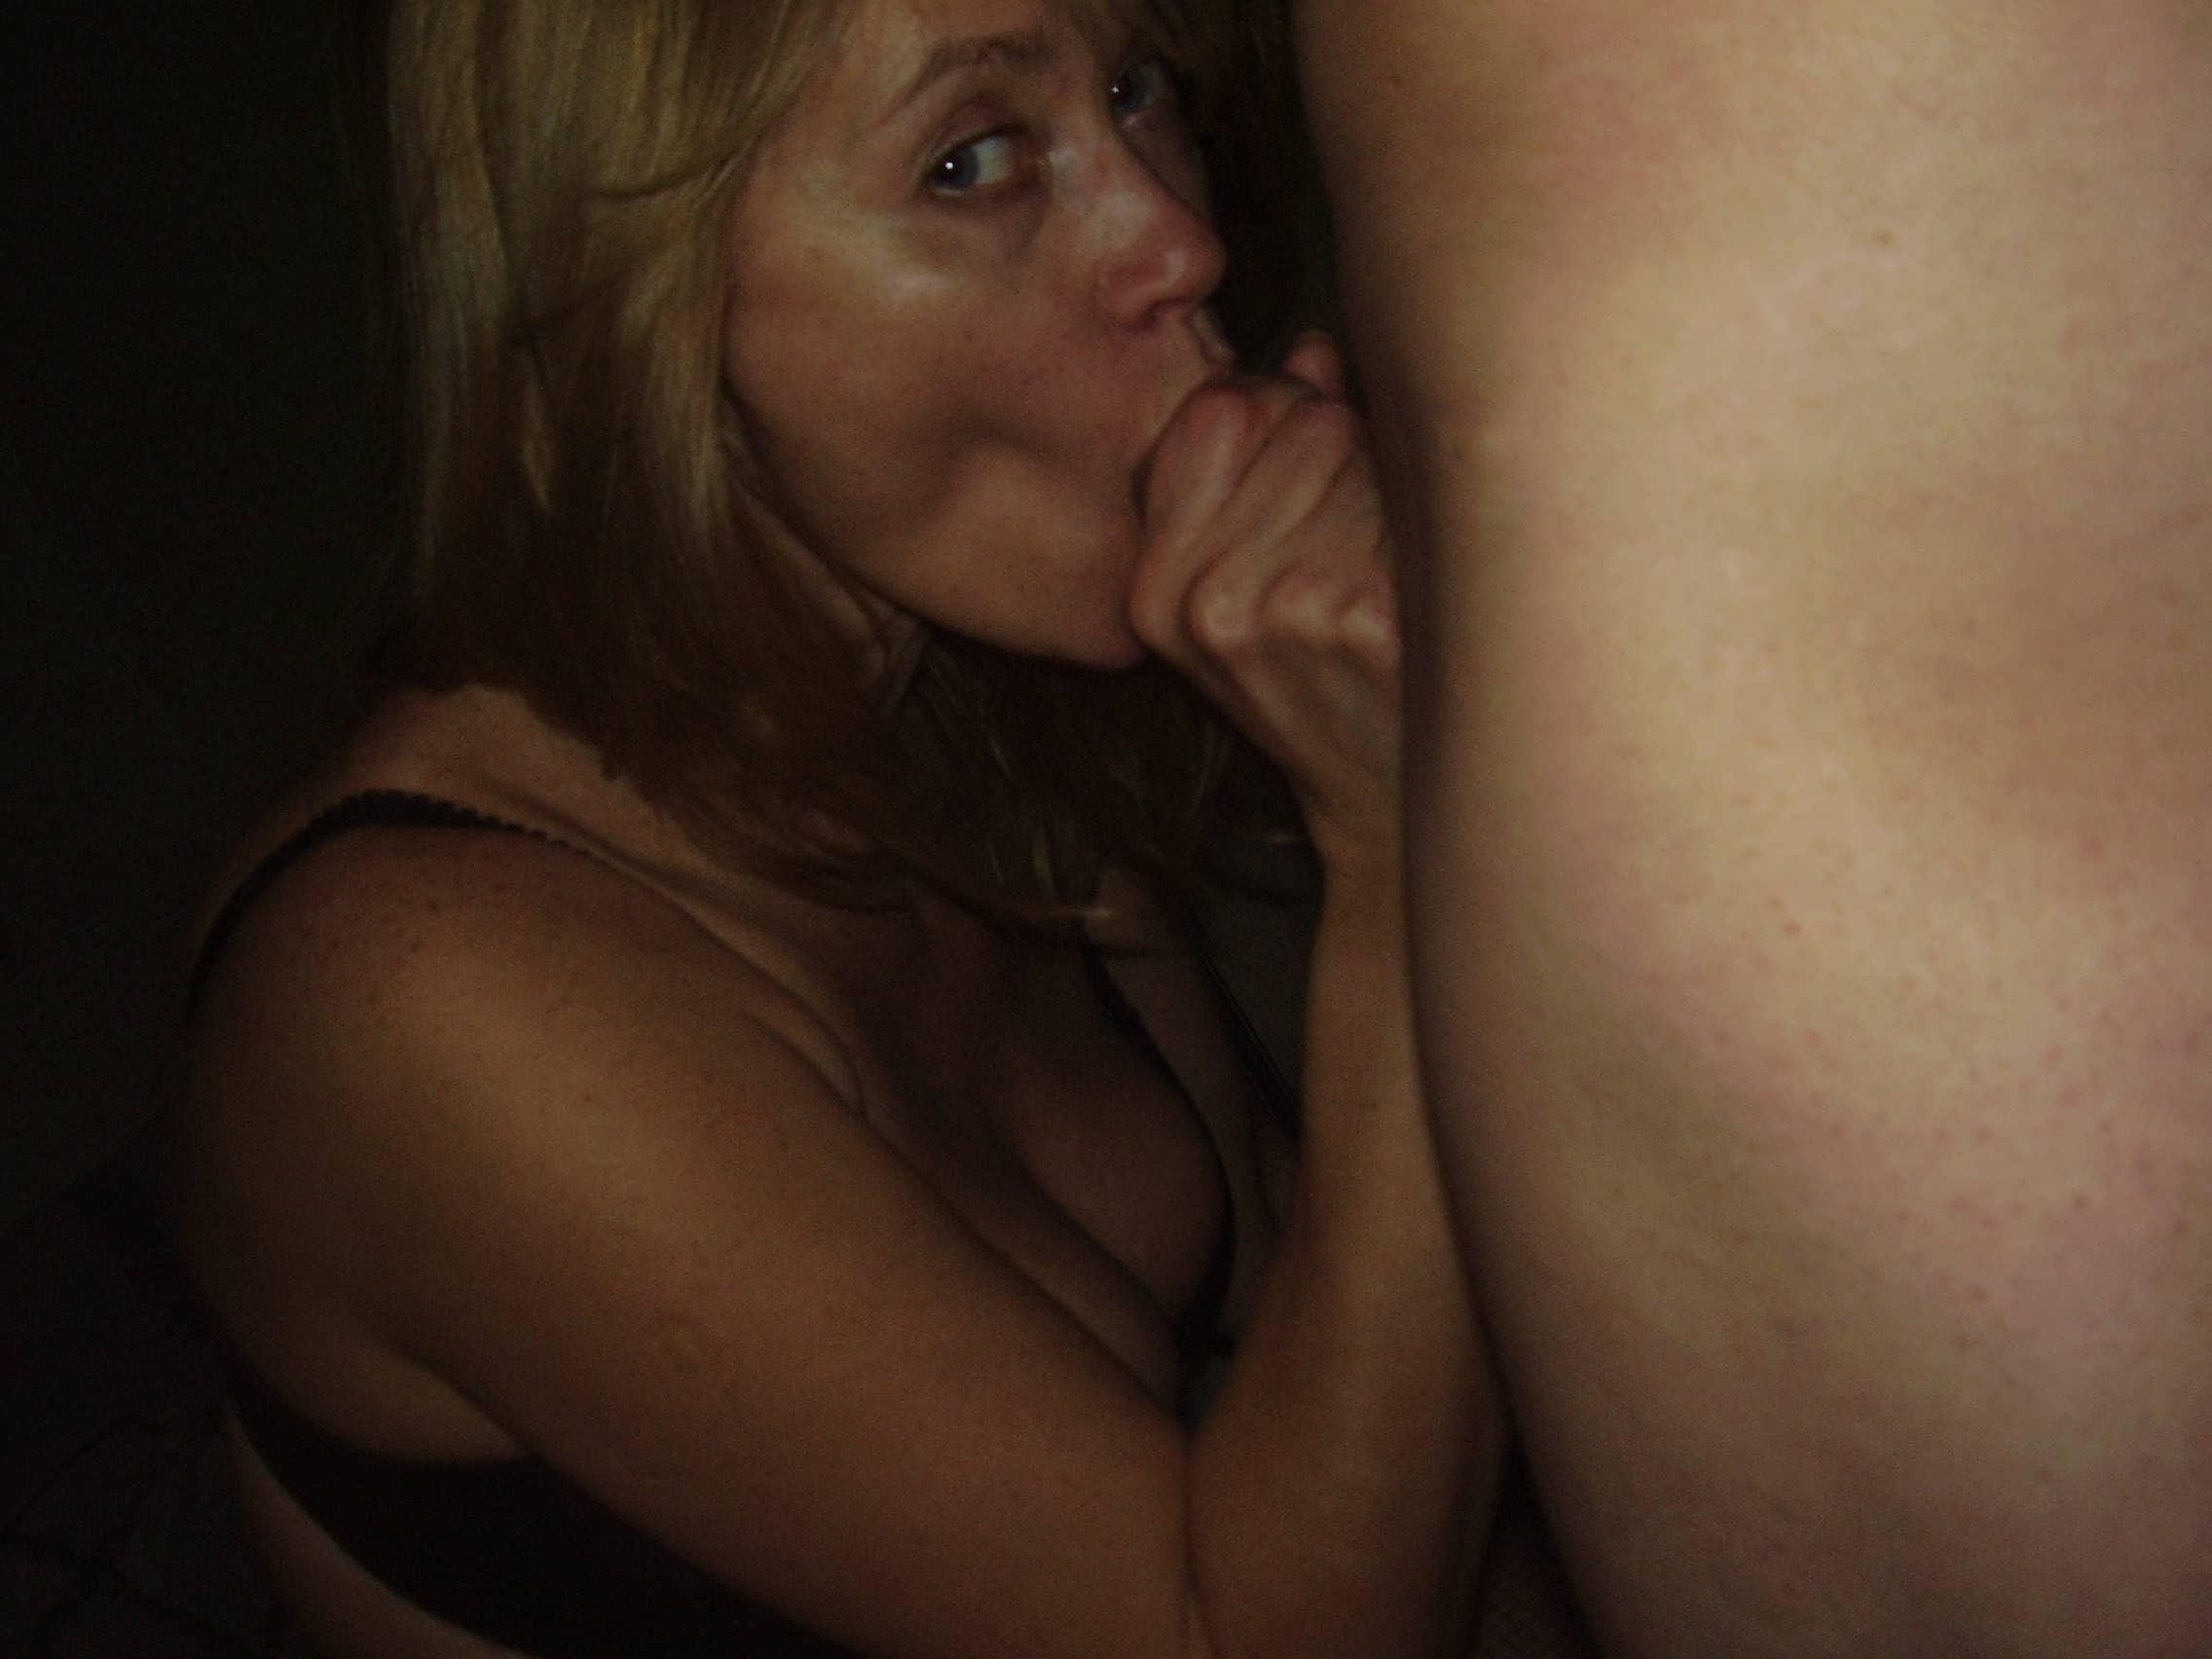 старая бабушка любят фото секс молодой парням